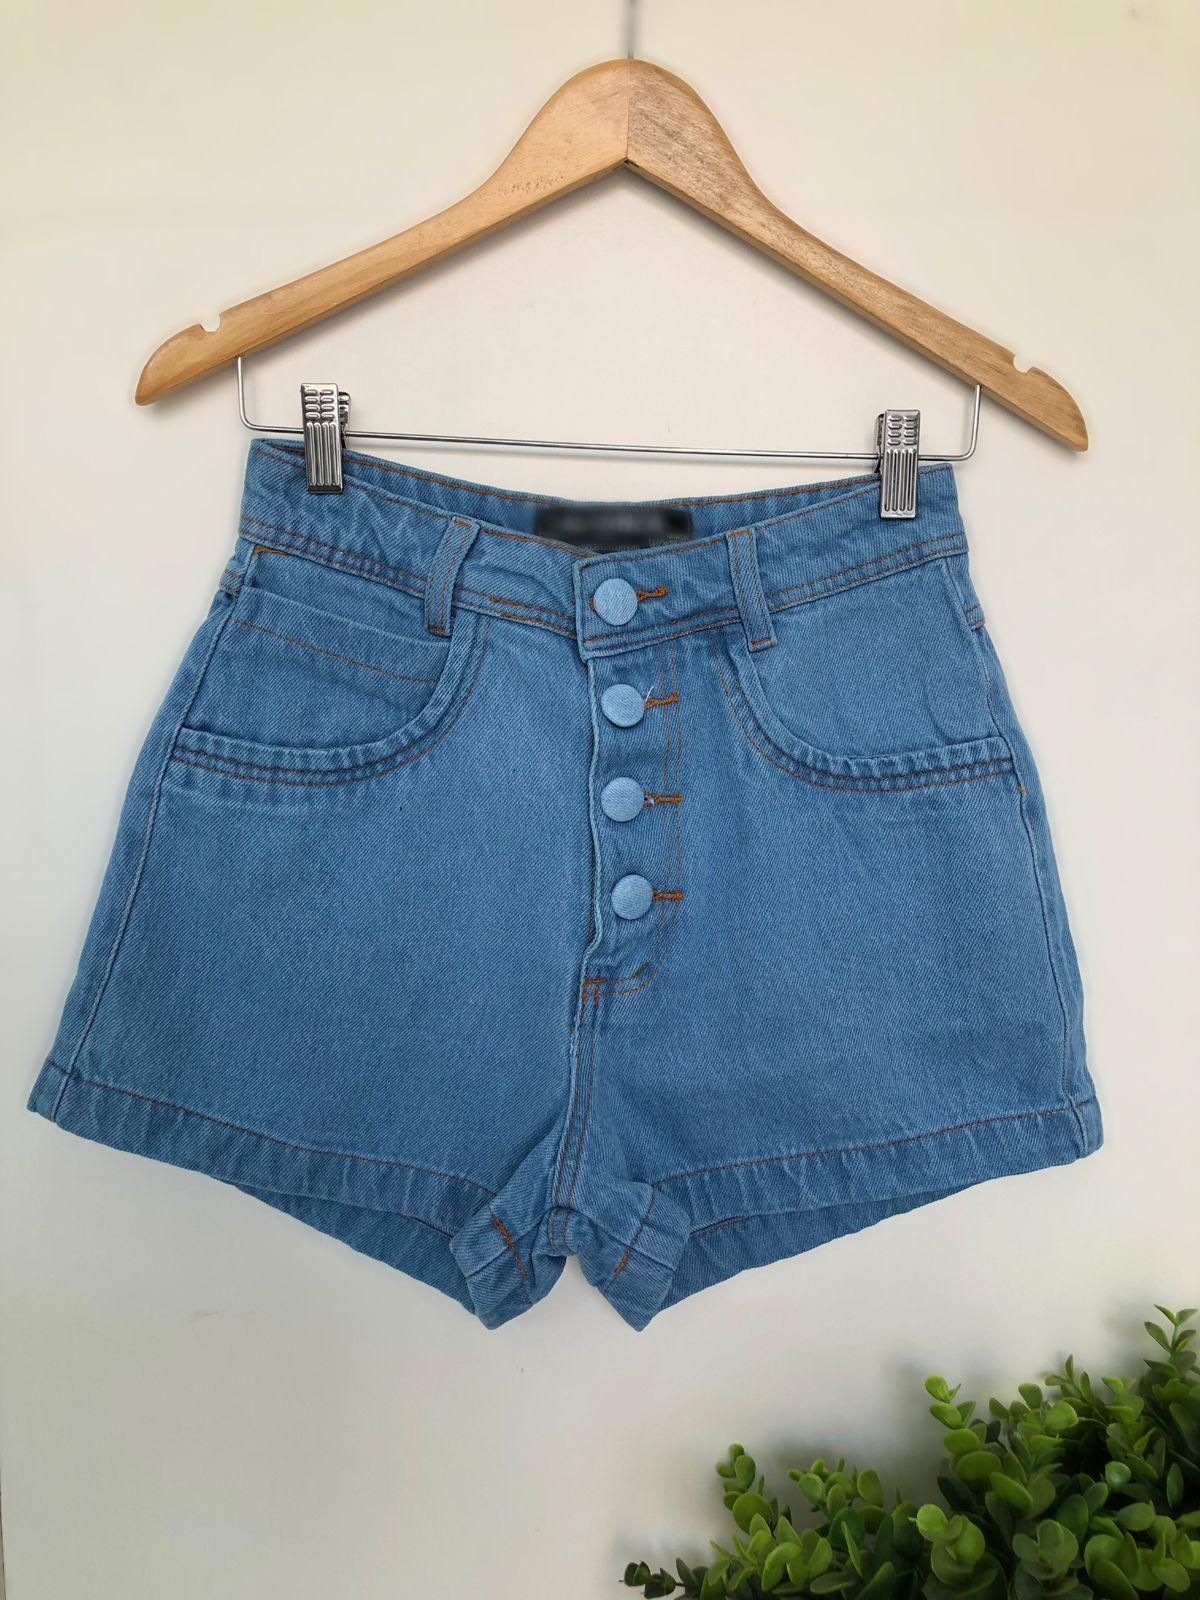 Shorts Jeans Botões - Andreia